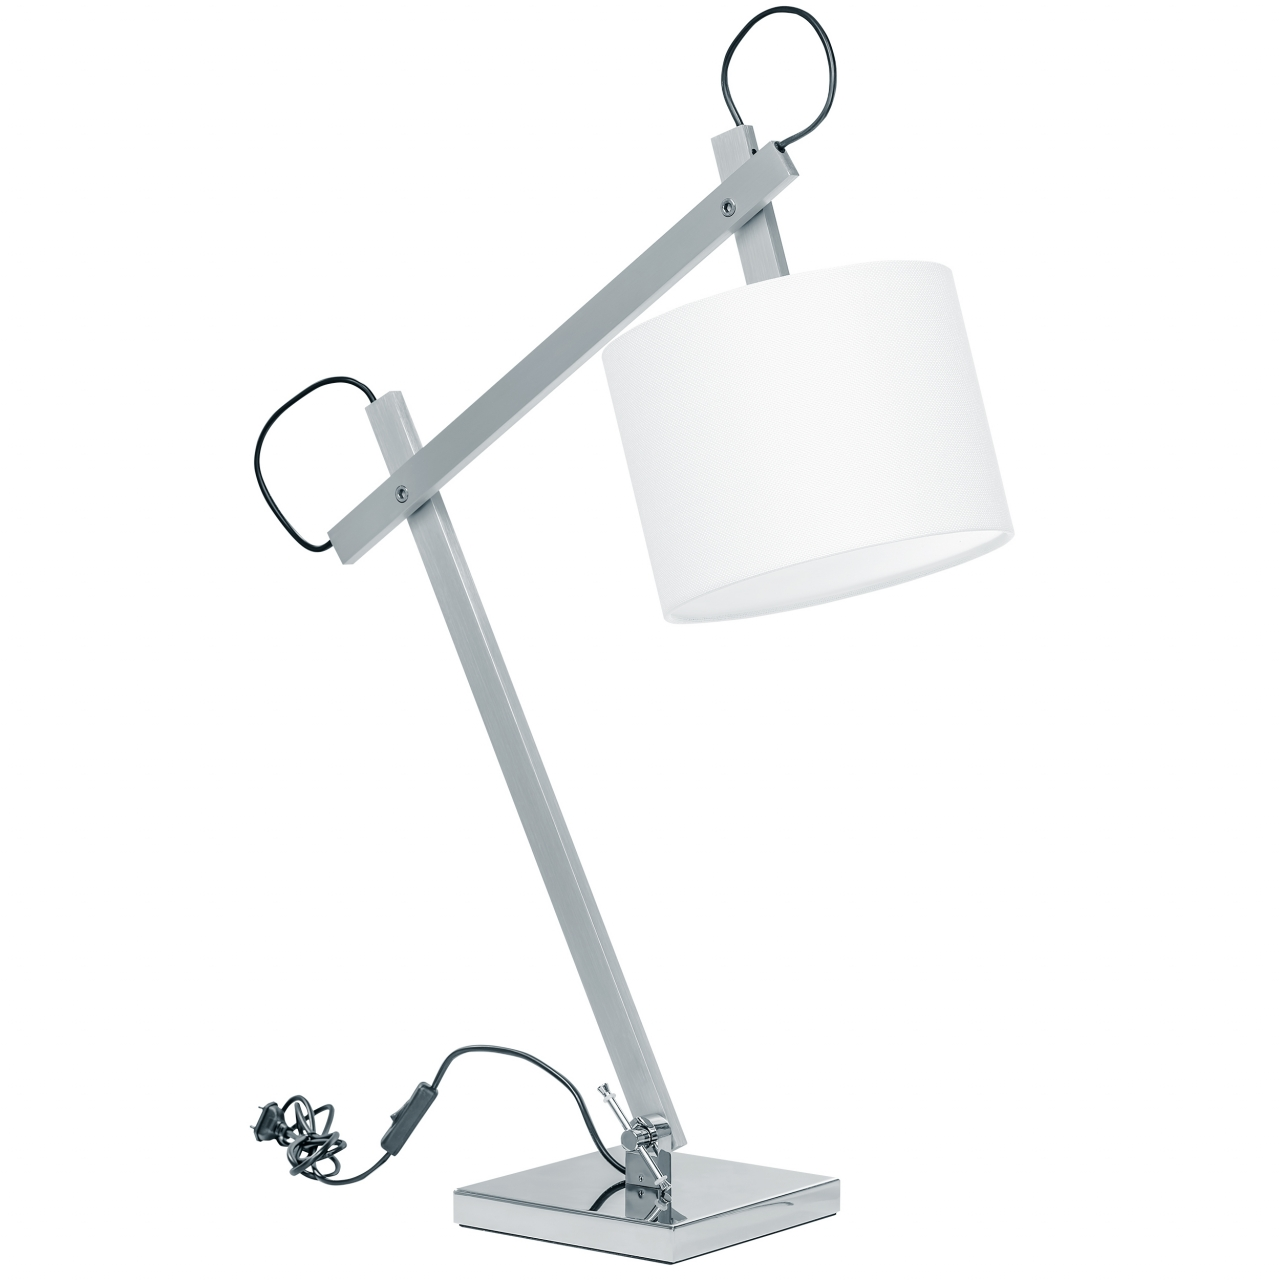 Лампа настольная MECCANO 1х60W E27 хром / белый ткань Lightstar 766919